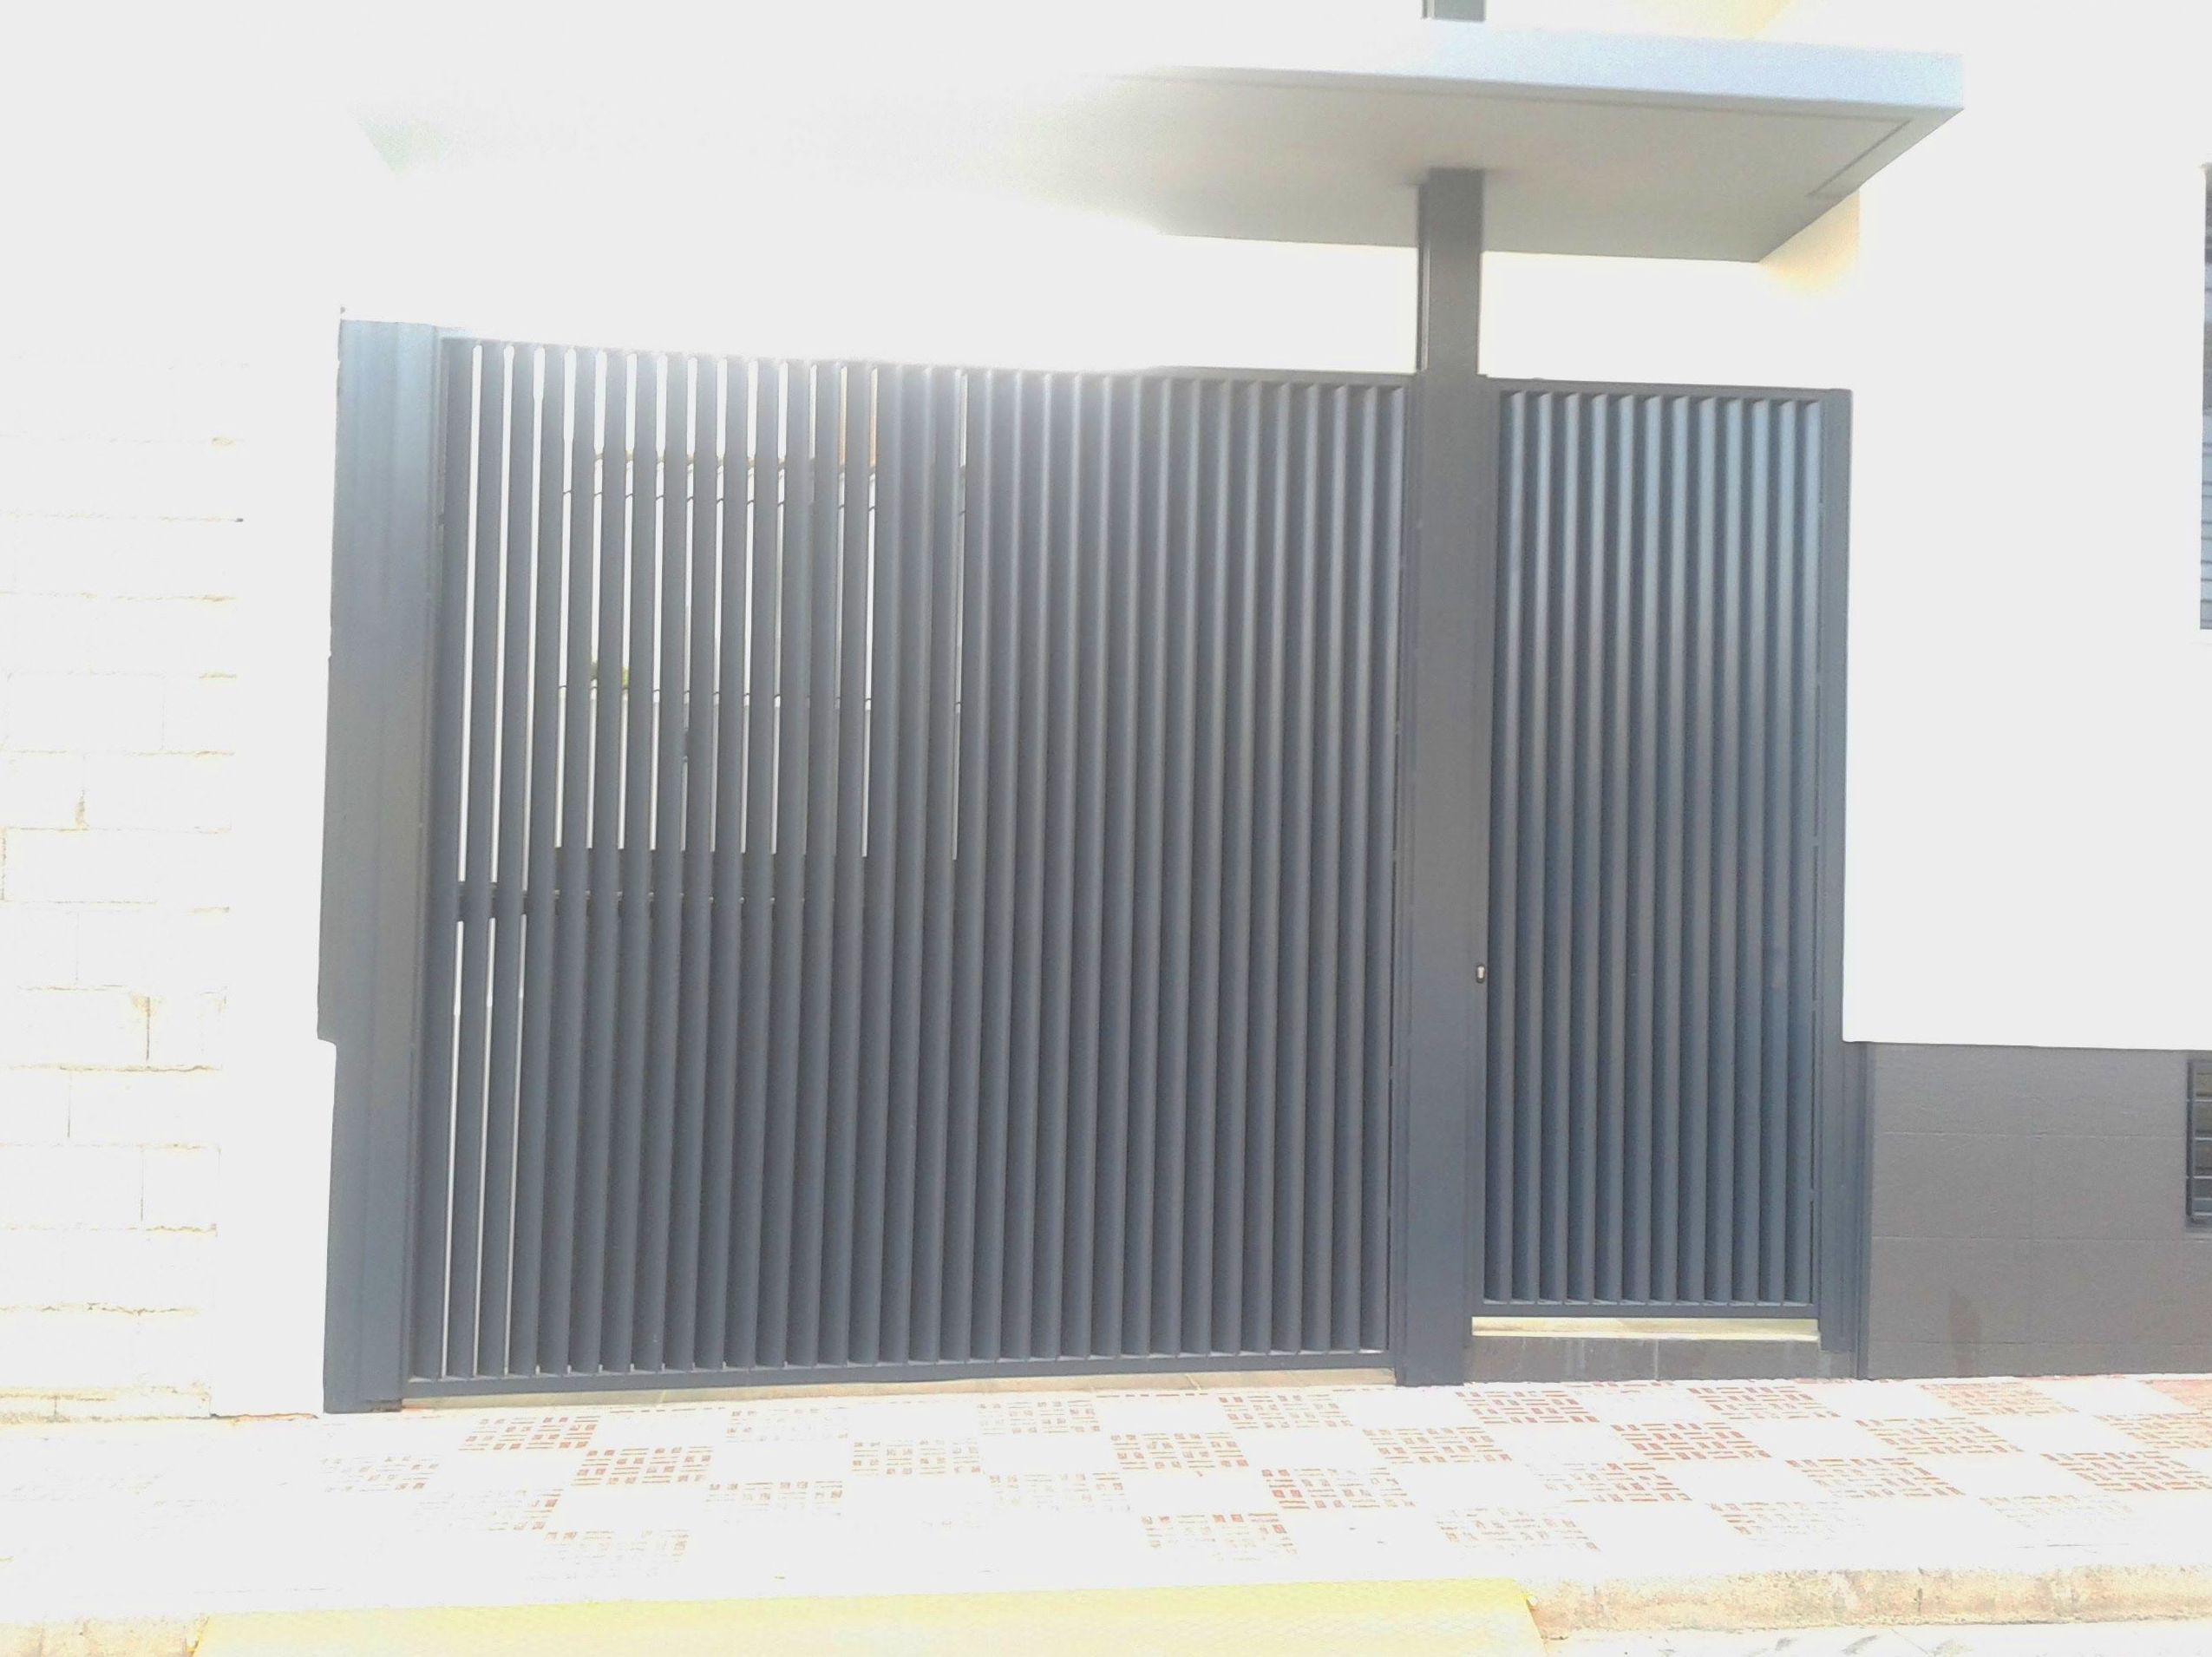 Puertas batientes metálicas estilo mallorquina de lamas verticales